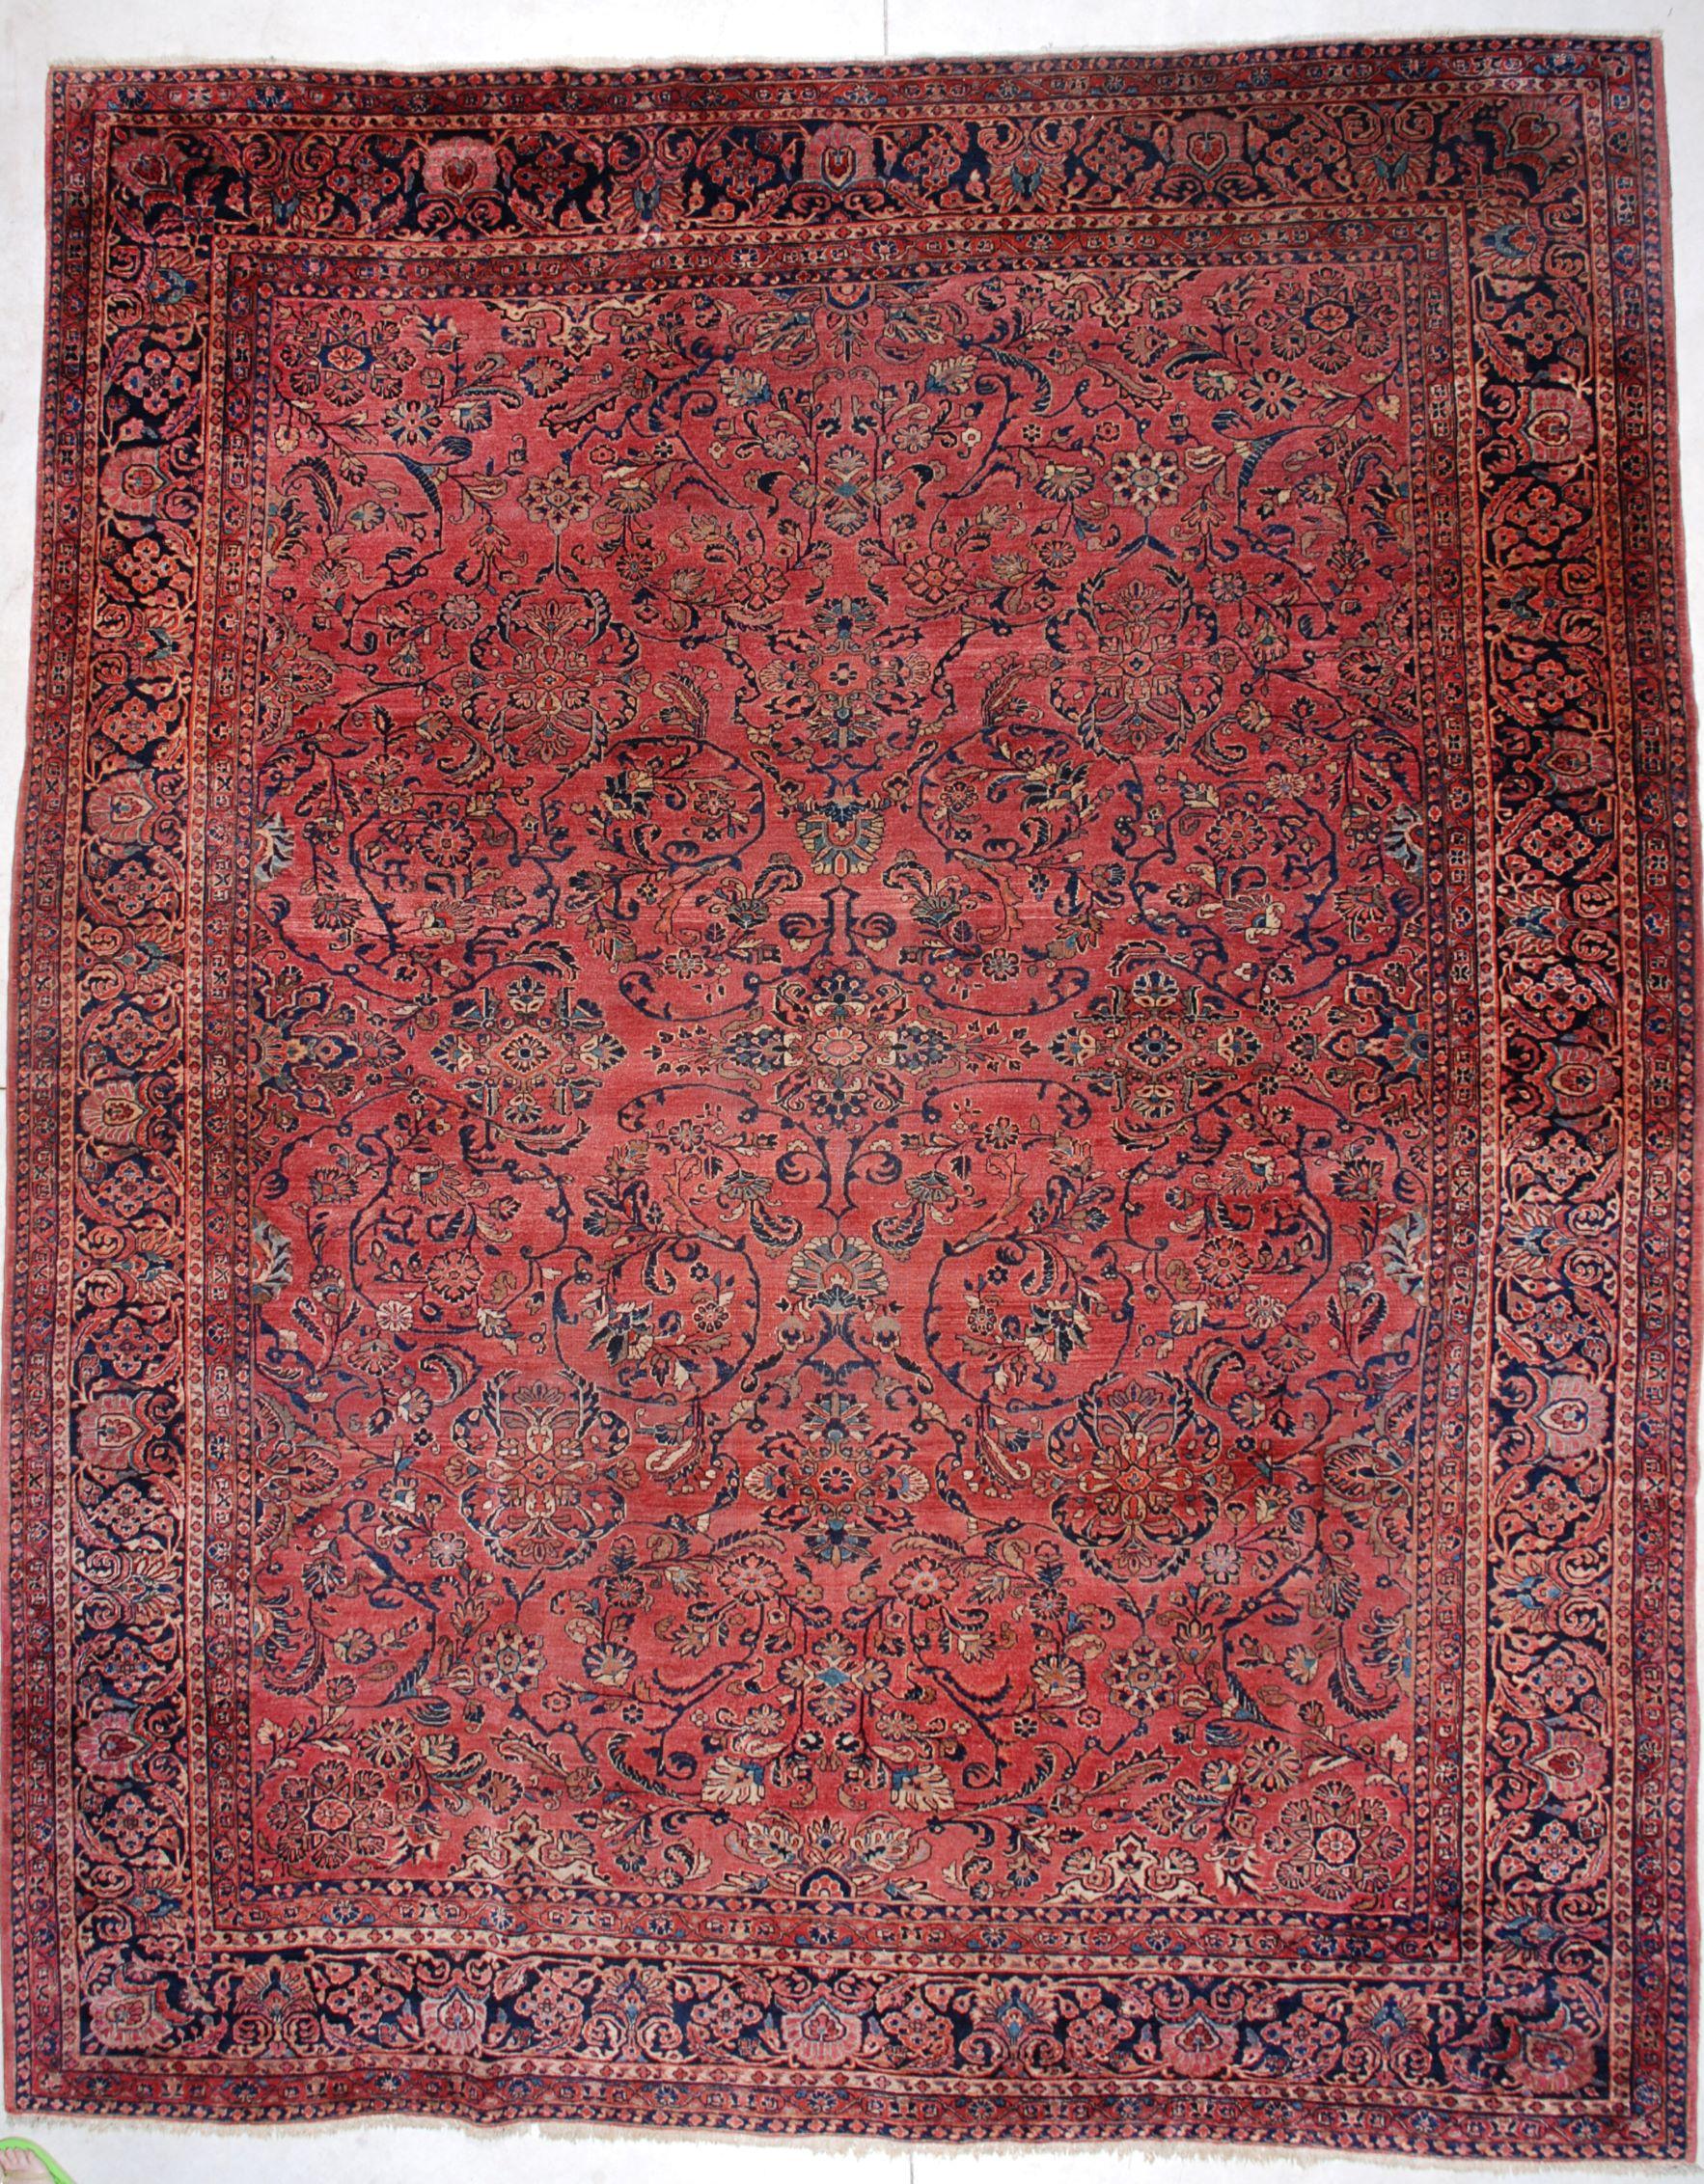 6718 Sarouk Antique Persian Rug 10'10